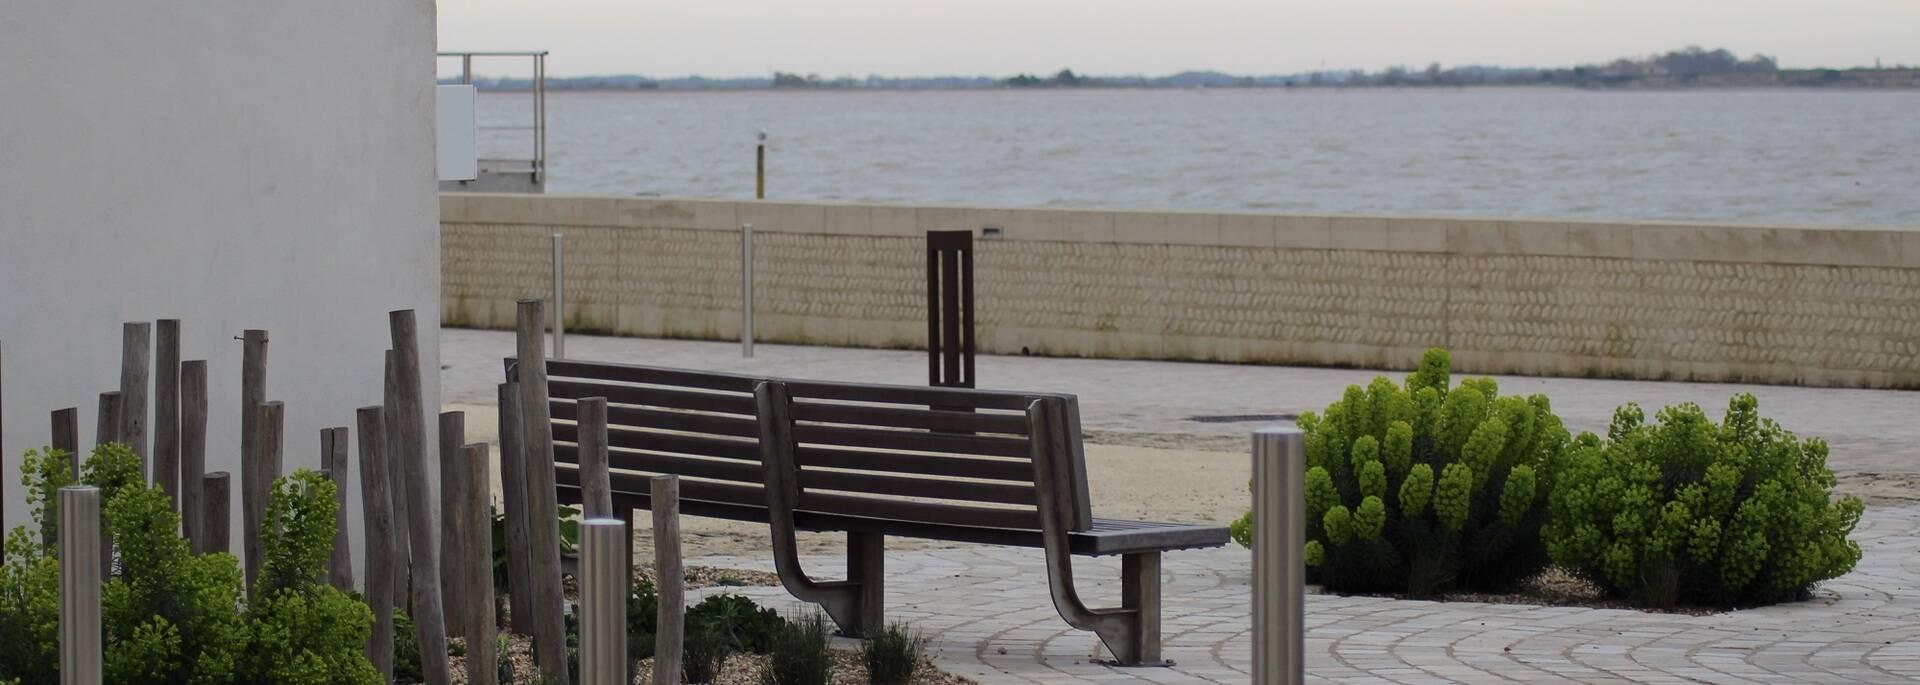 Banc face à la mer aux Boucholeurs - ©P.Migaud / FDHPA 17